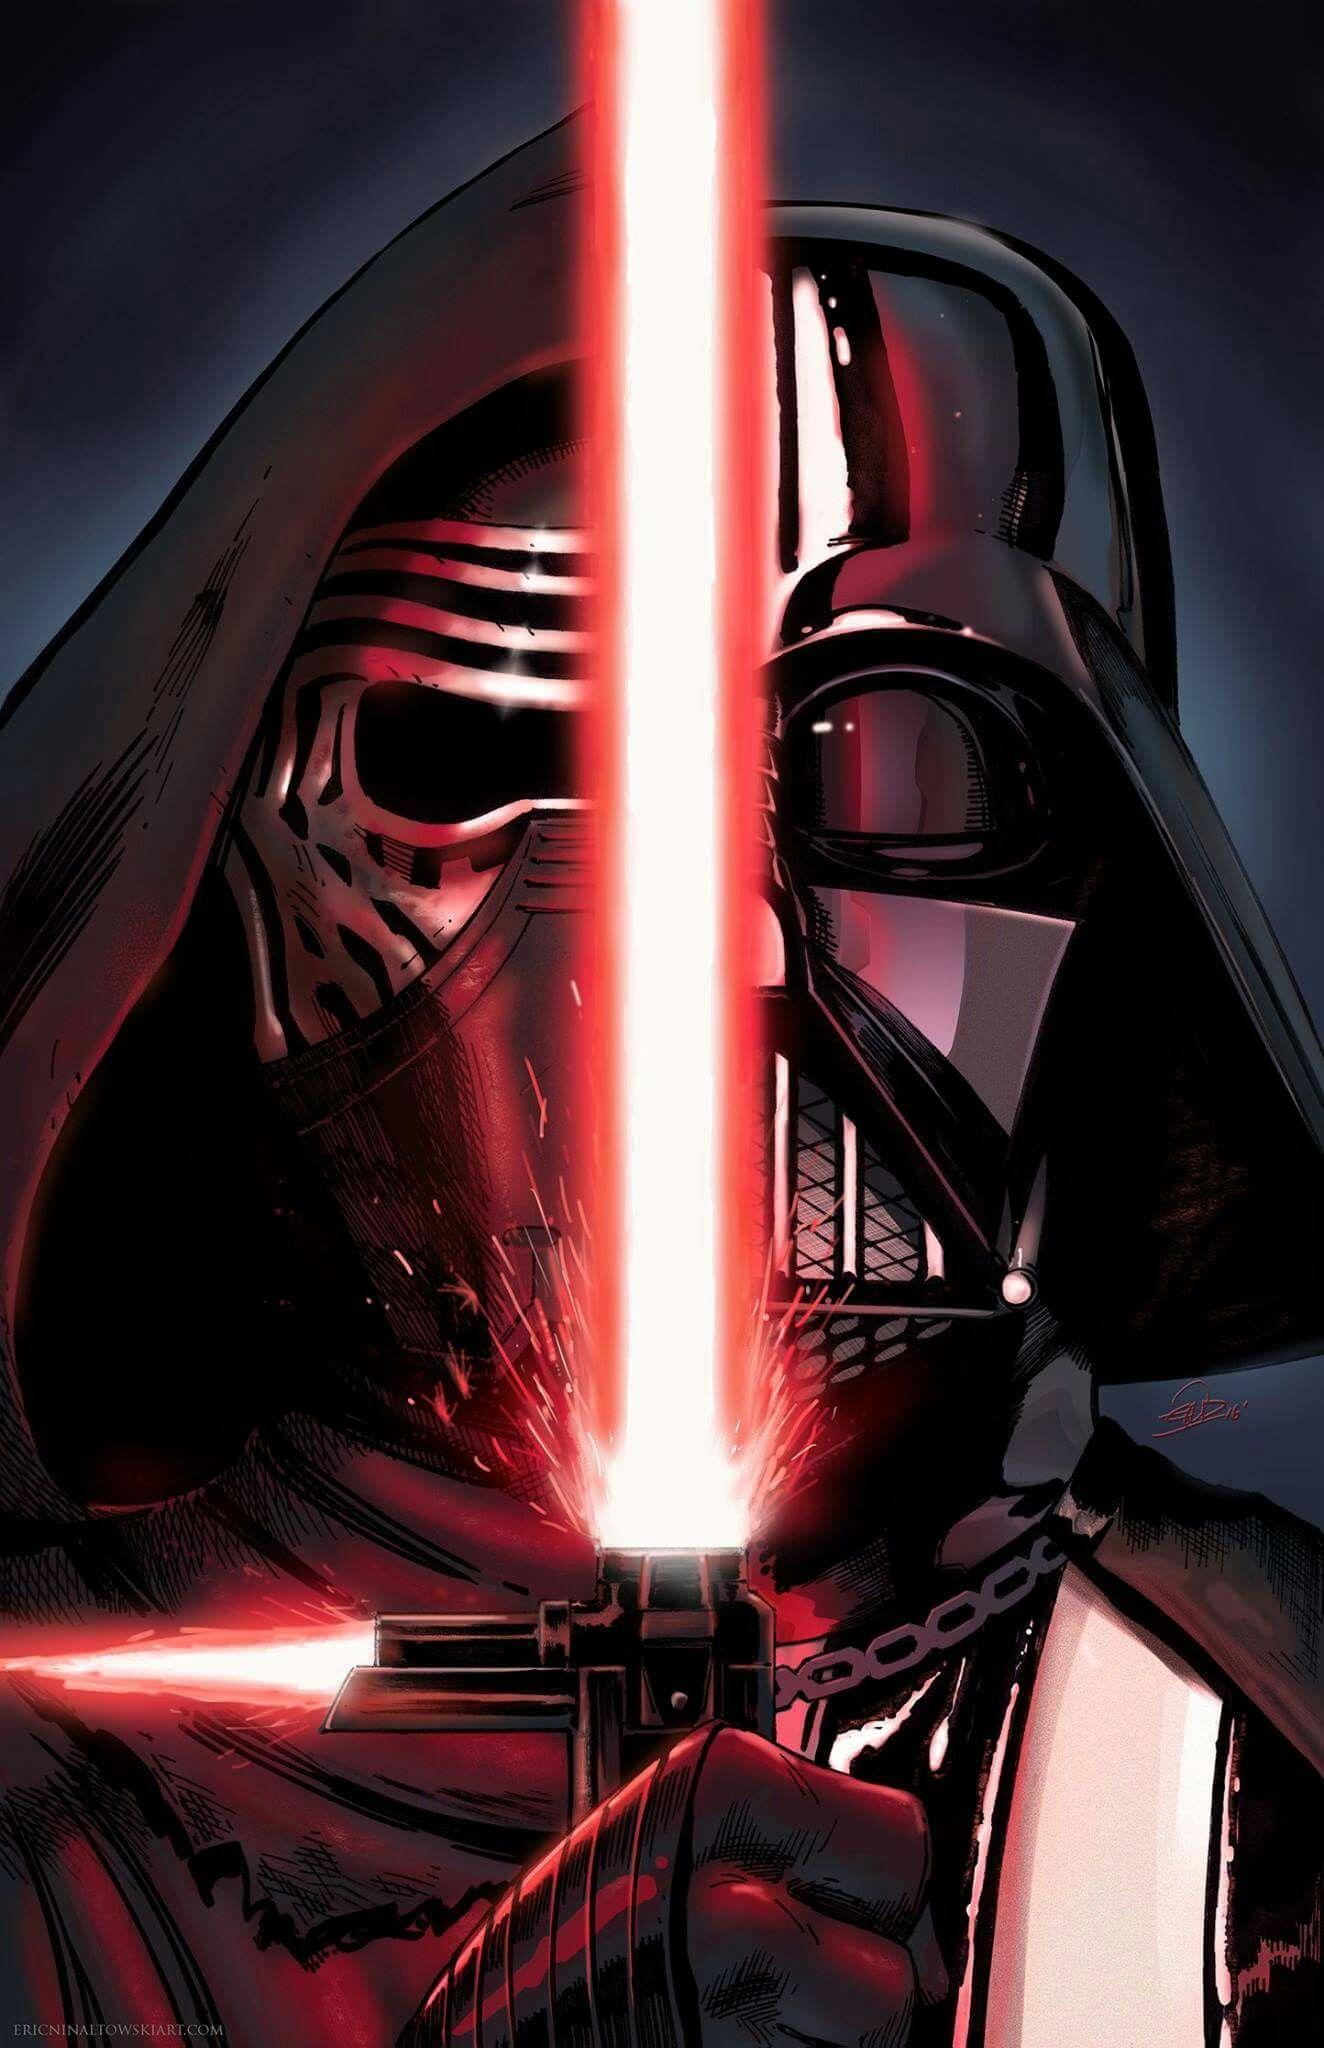 Kylo Ren Poster Wall Art Print Picture Jedi Master Darth Vader Star Wars Skywalk